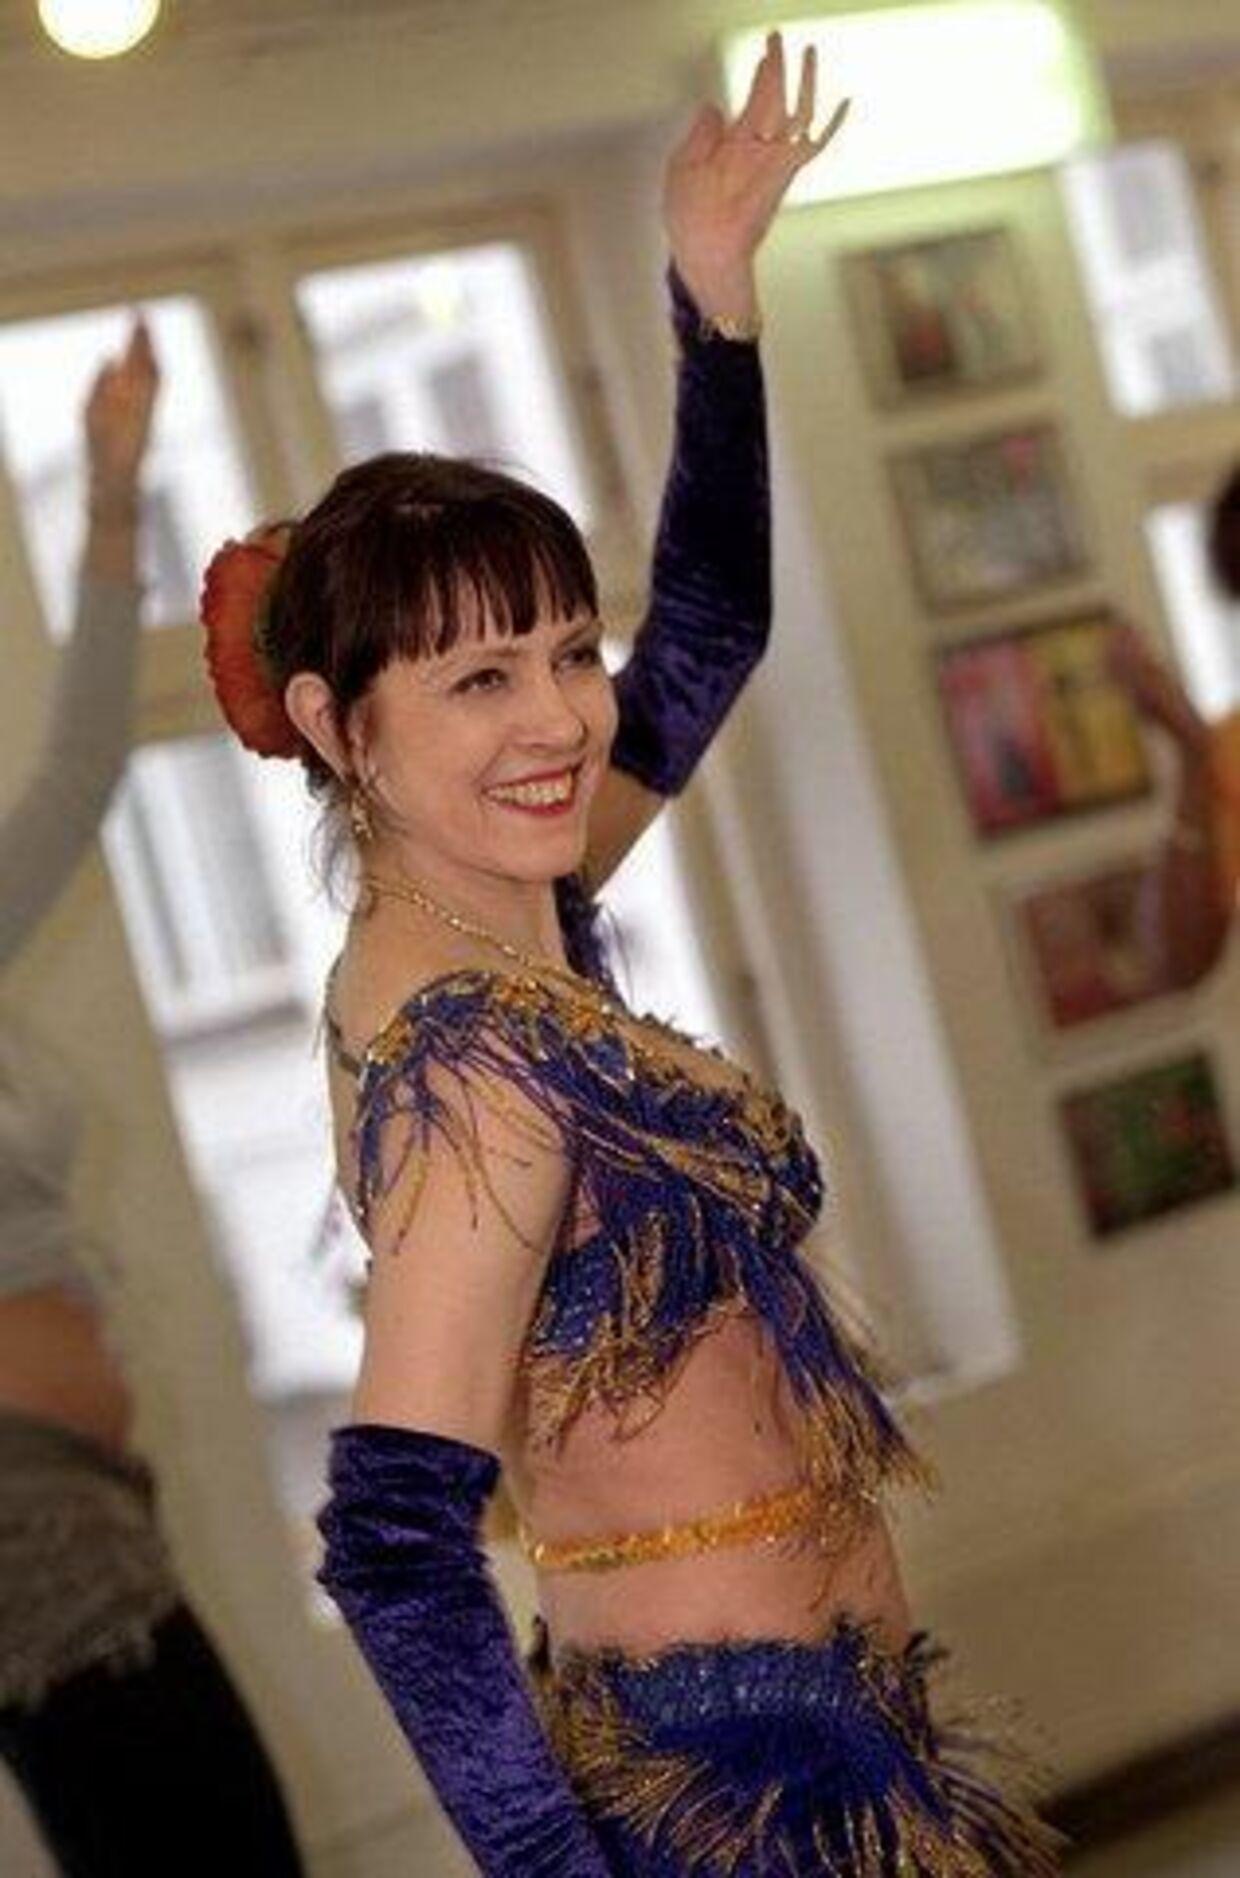 Louise Frevert fortsætter med sin danseskole, selv om hun kommer i Folketinget, ligesom hun fortsætter i Borgerrepræsentationen i København. Foto: Brian Rasmussen<p</p><br>